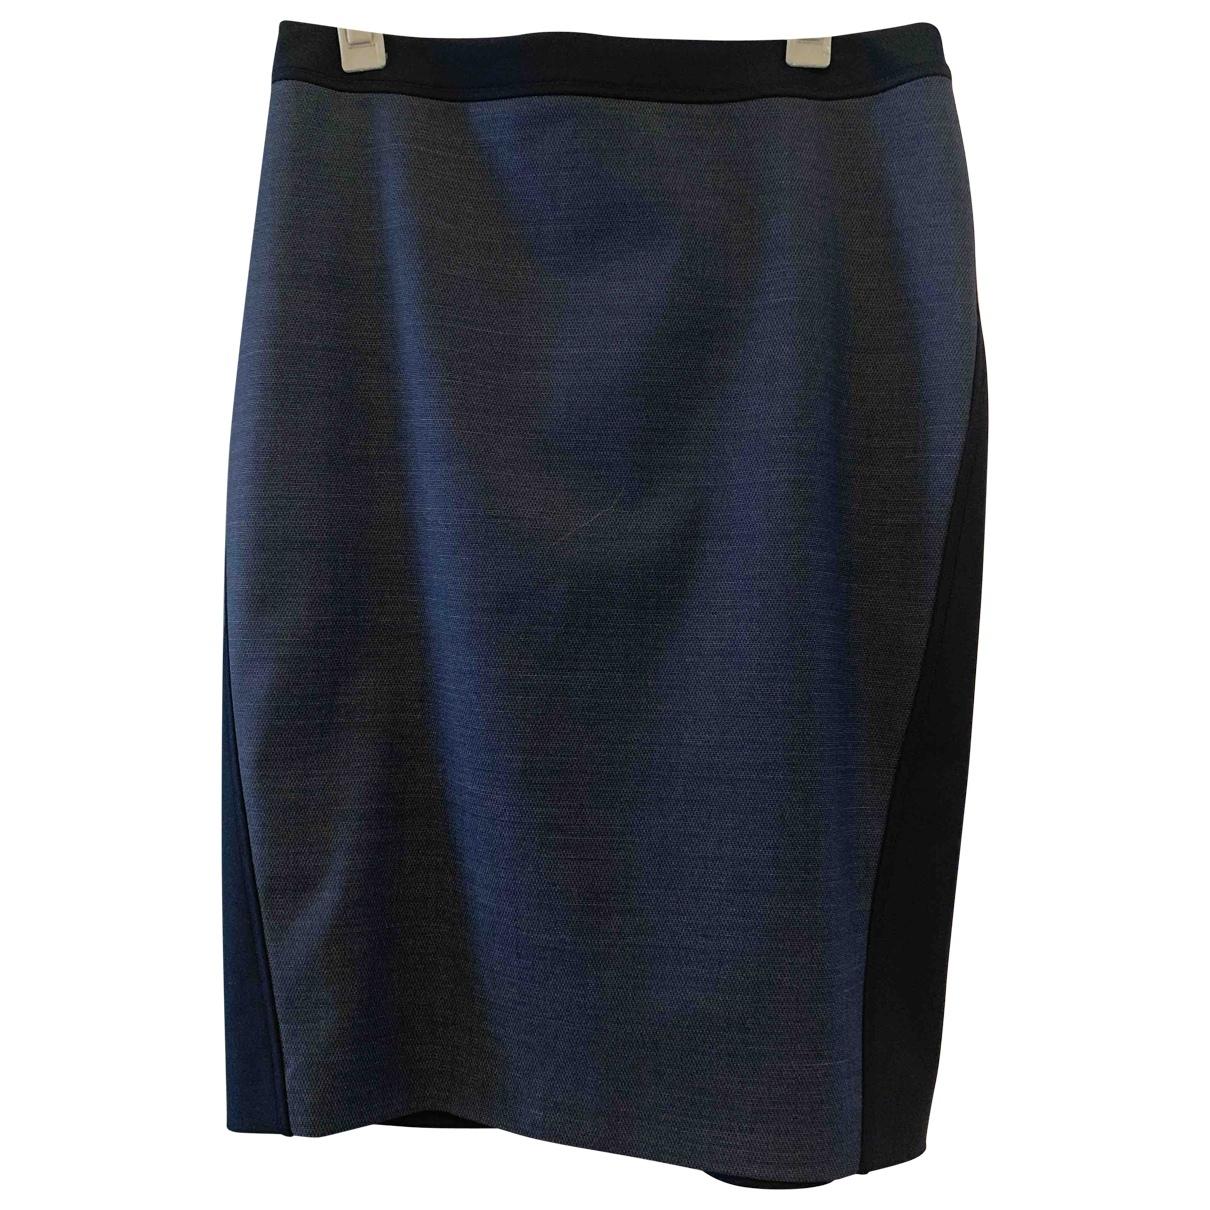 Elie Tahari \N Navy skirt for Women 2 US